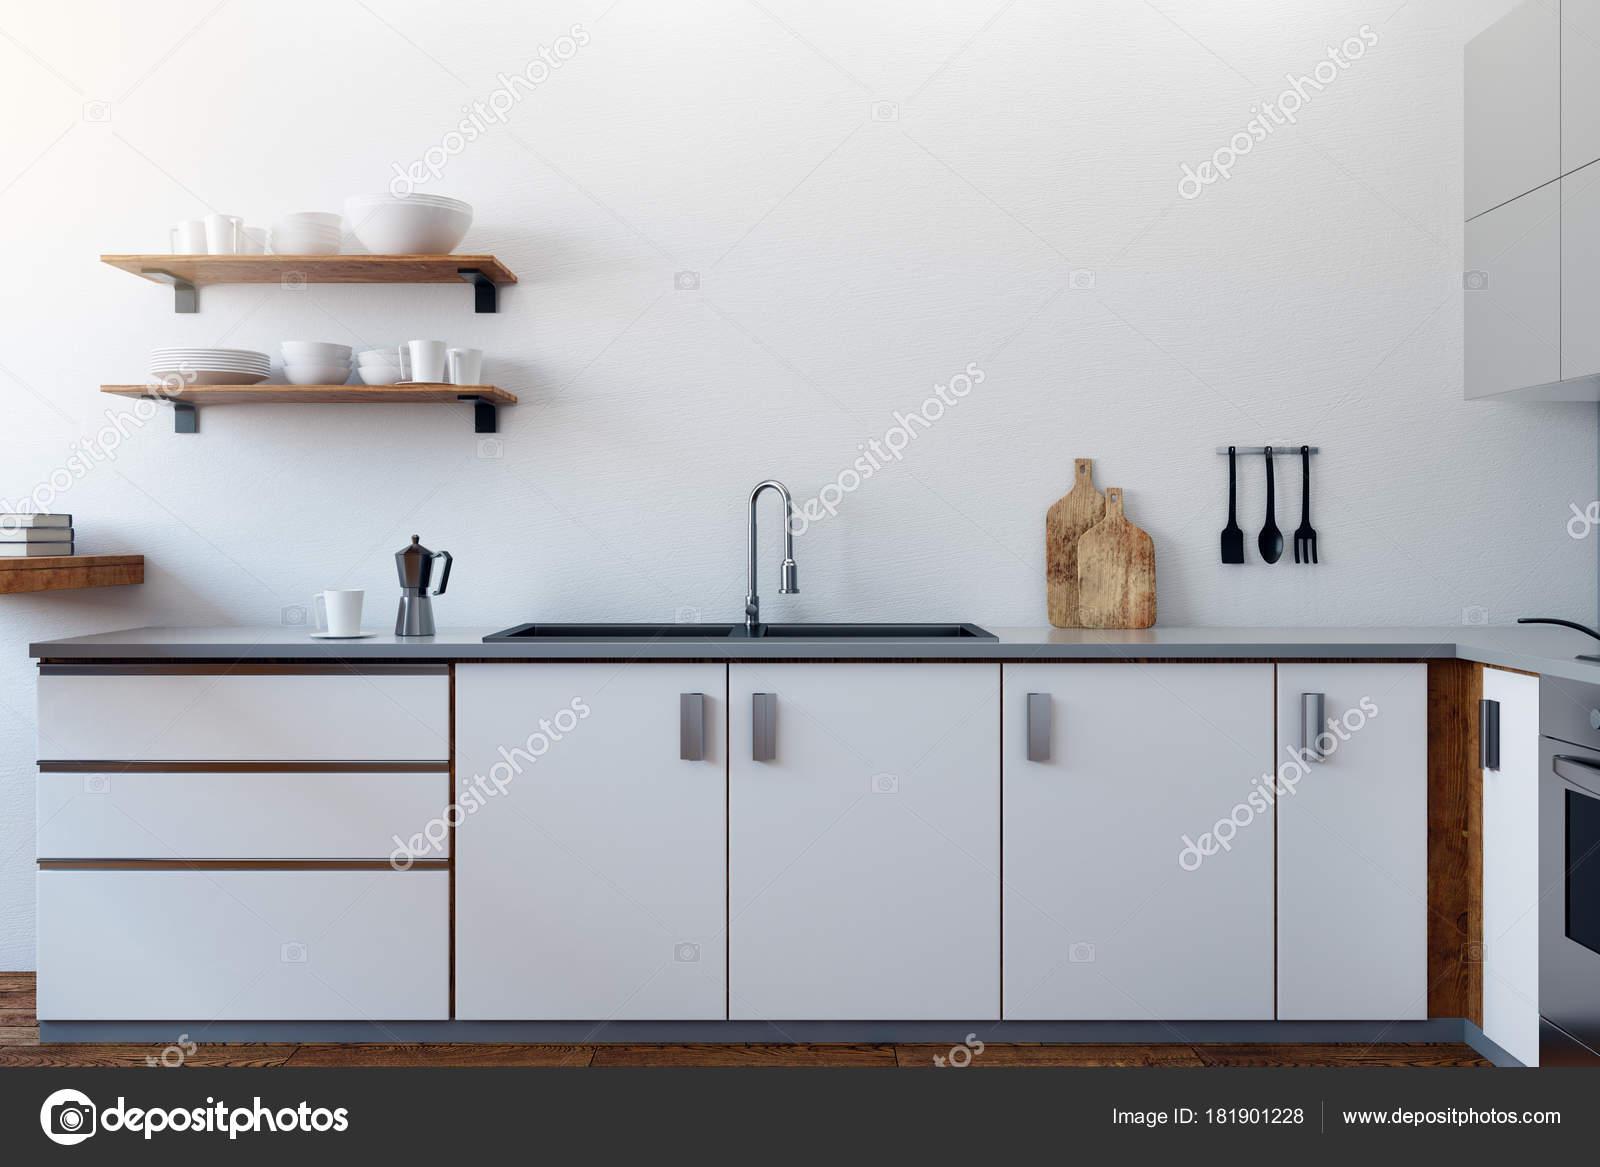 Weiße Küche Interieur Mit Geräten Und Möbeln Stil Und Design ...